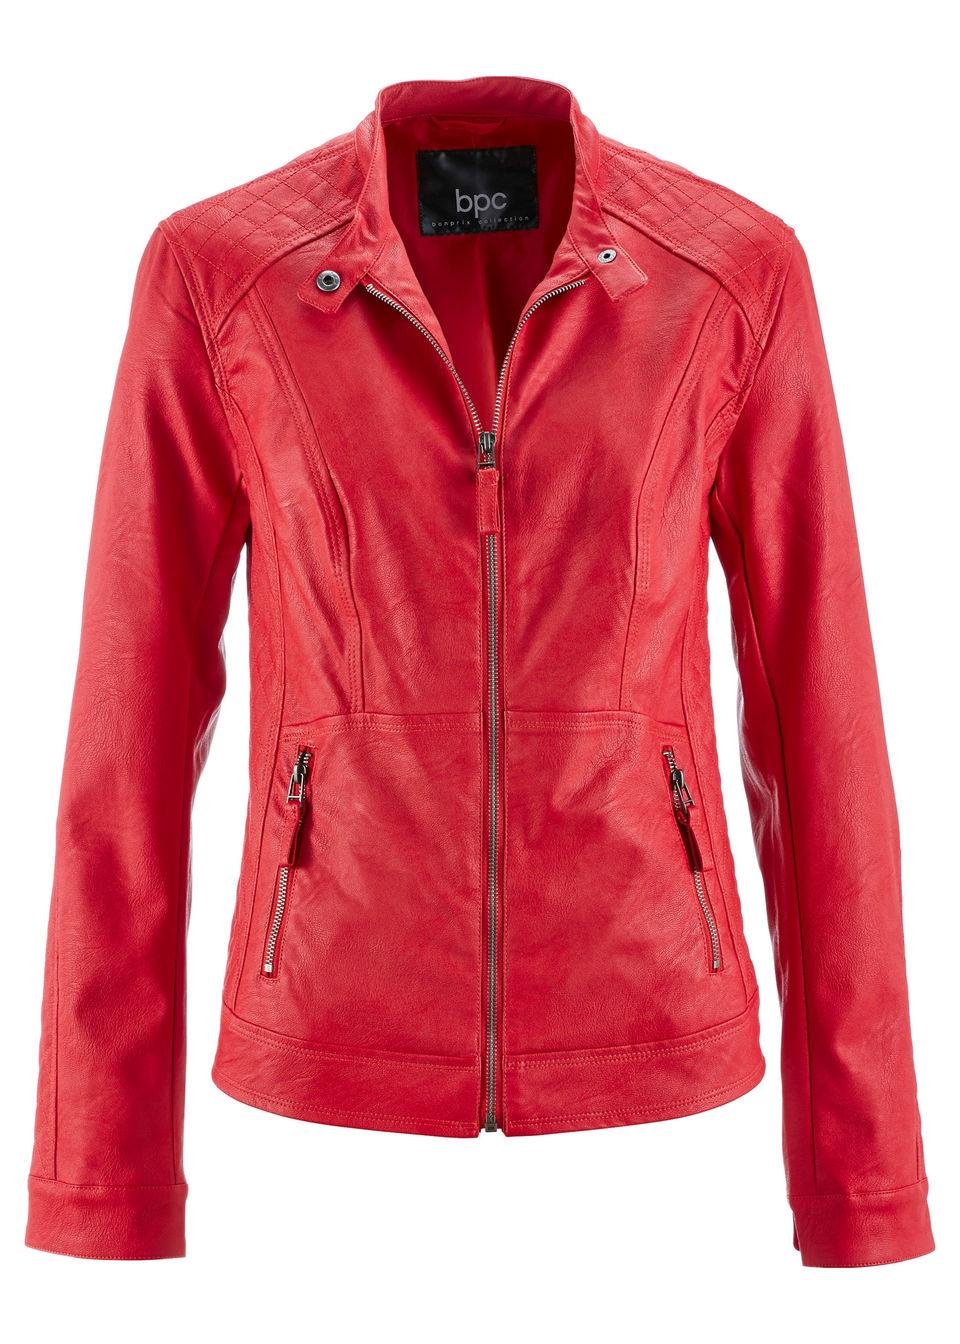 Купить Куртки и плащи, Куртка из искусственной кожи, bonprix, красный